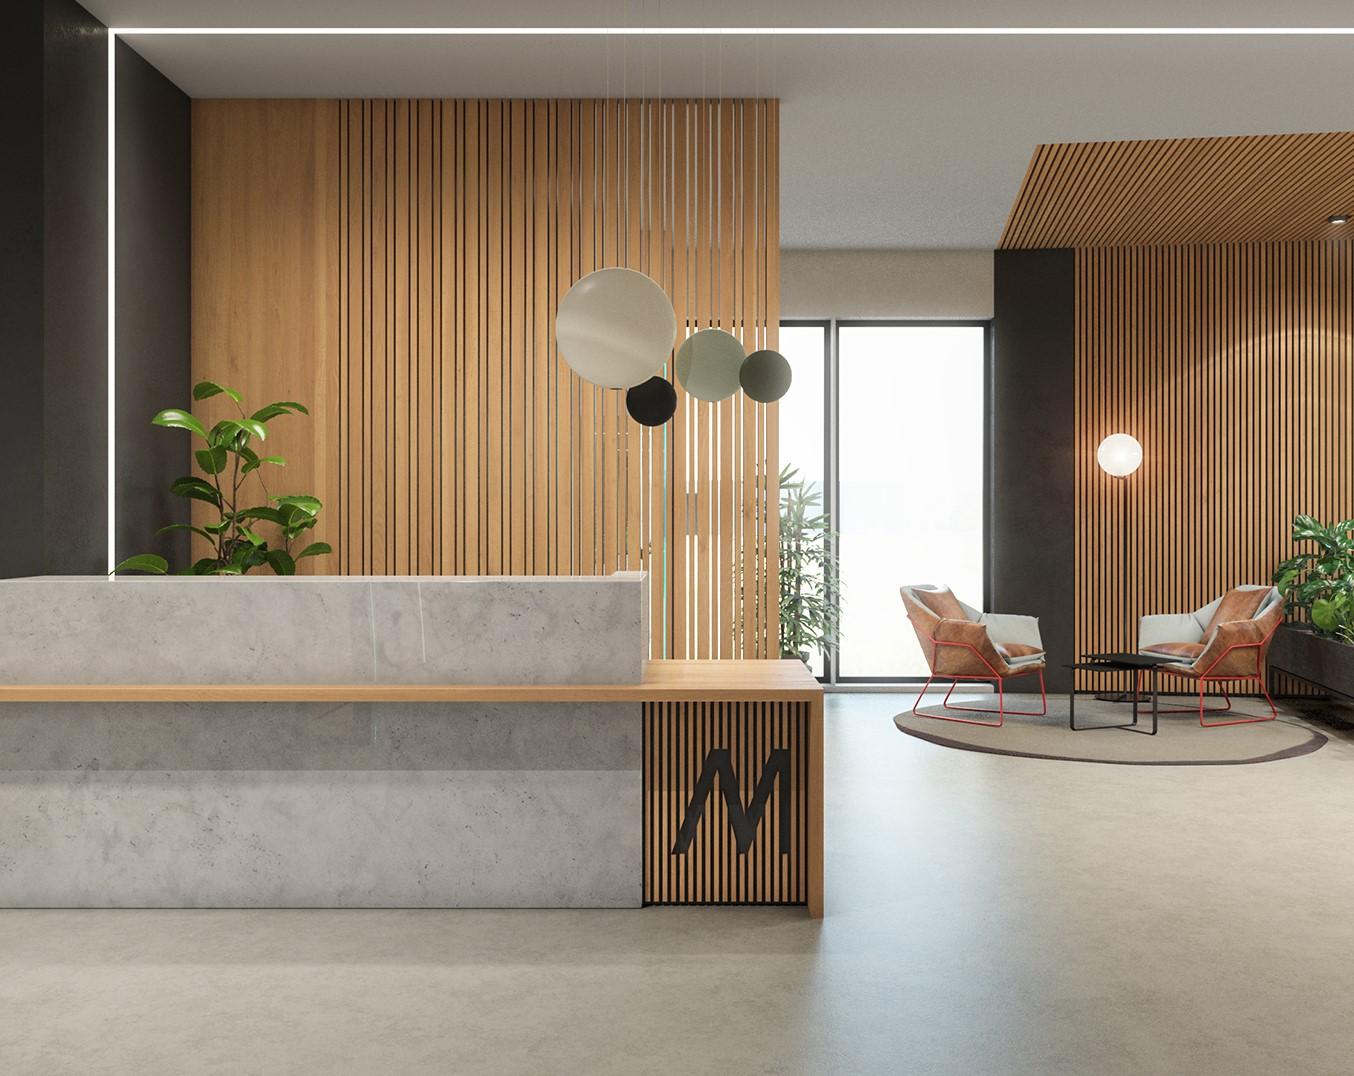 עיצוב משרדים אקספו תל אביב